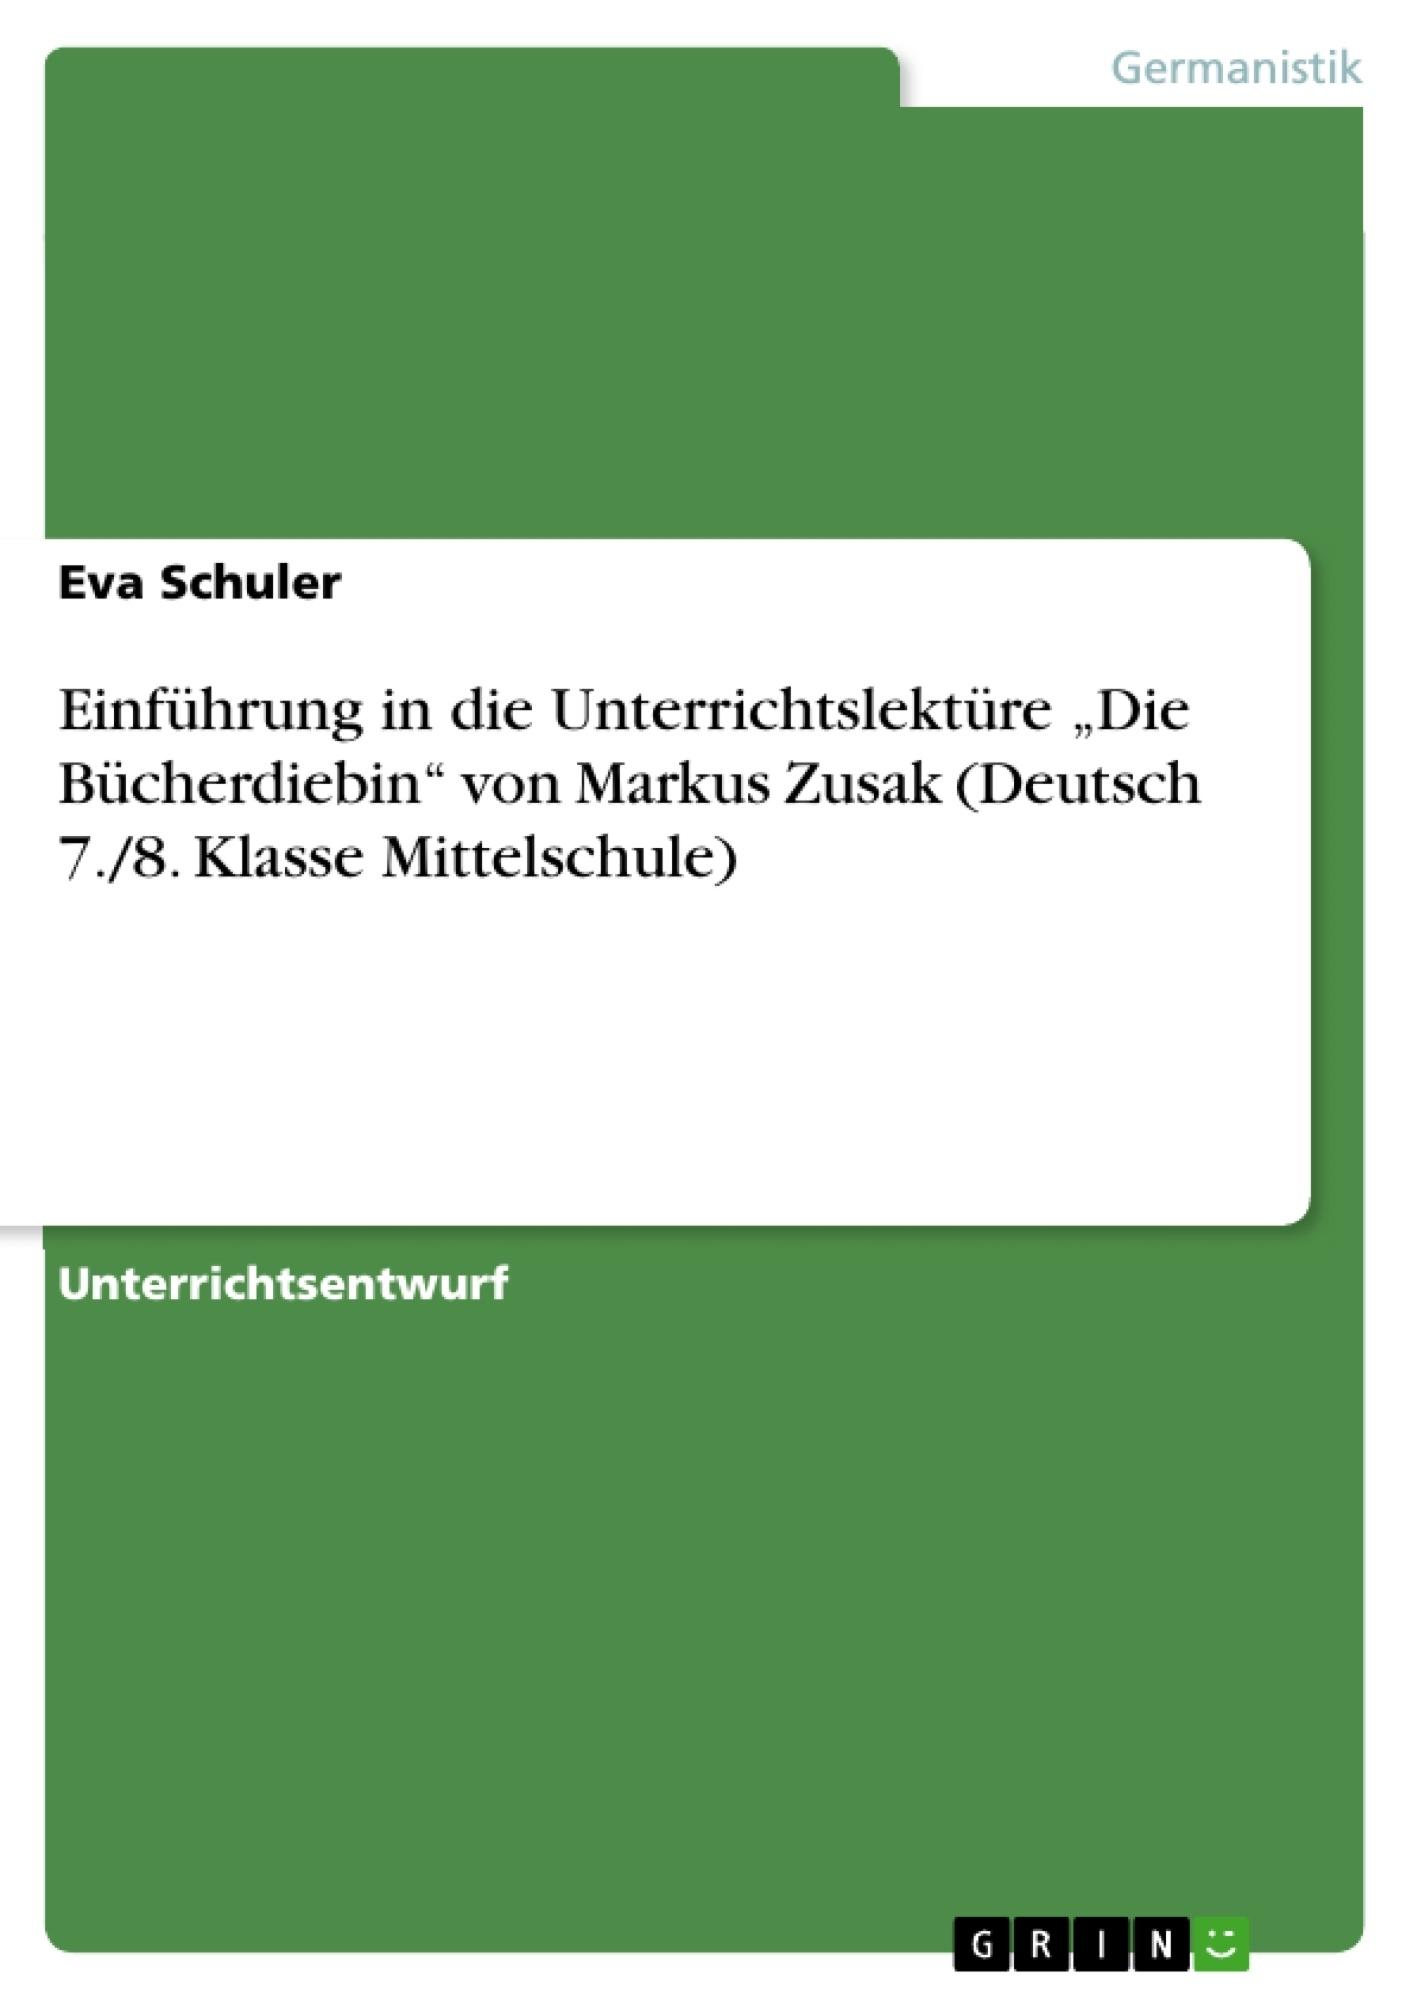 """Titel: Einführung in die Unterrichtslektüre """"Die Bücherdiebin"""" von Markus Zusak (Deutsch 7./8. Klasse Mittelschule)"""